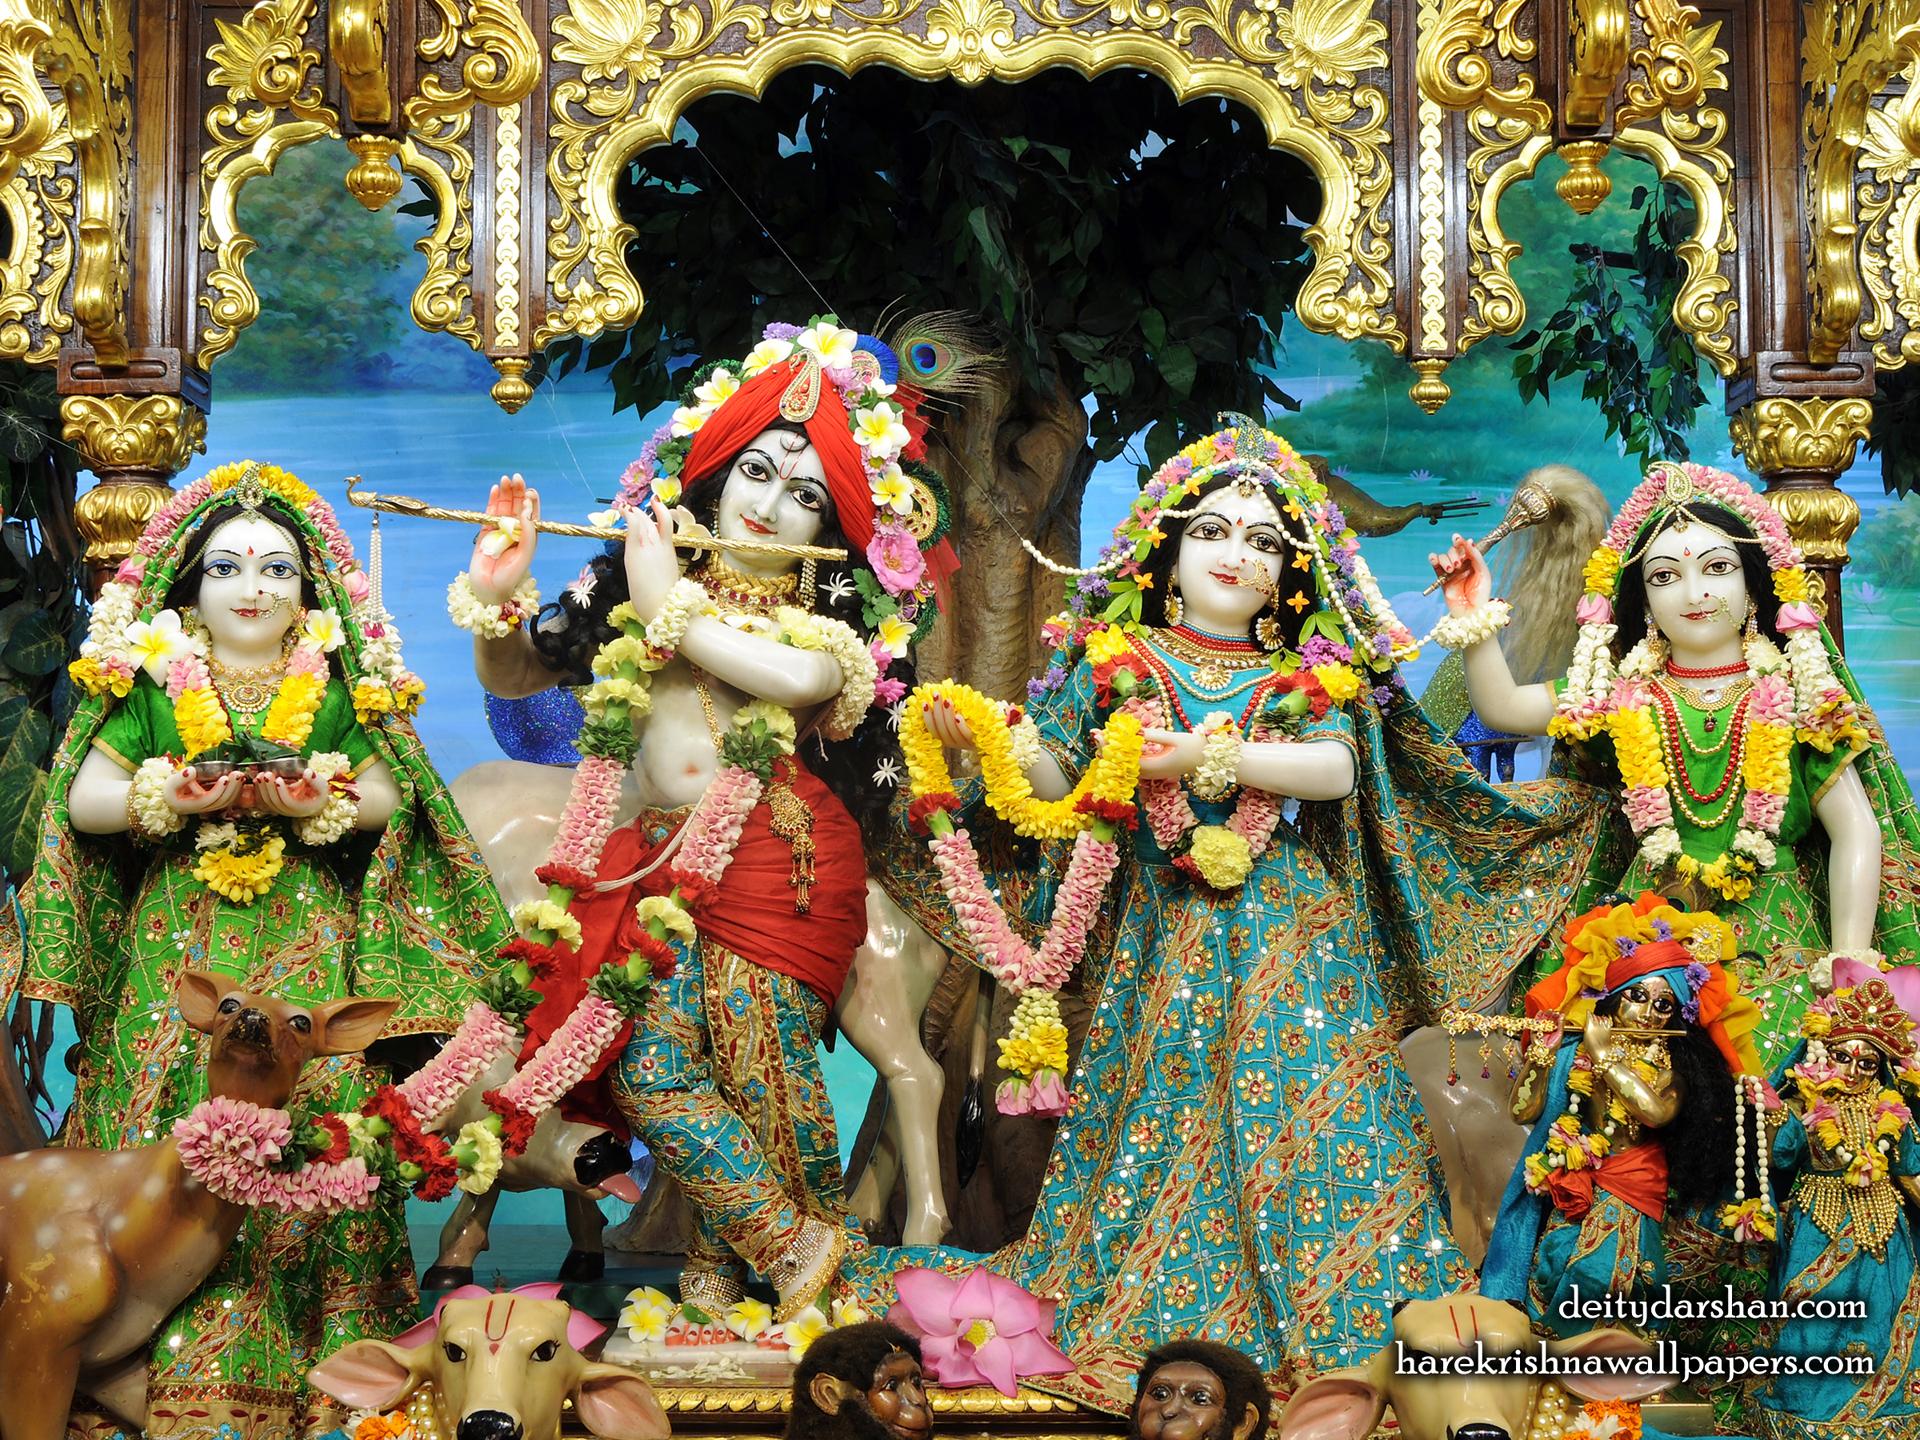 Sri Sri Radha Gopinath Lalita Vishakha Wallpaper (062) Size 1920x1440 Download